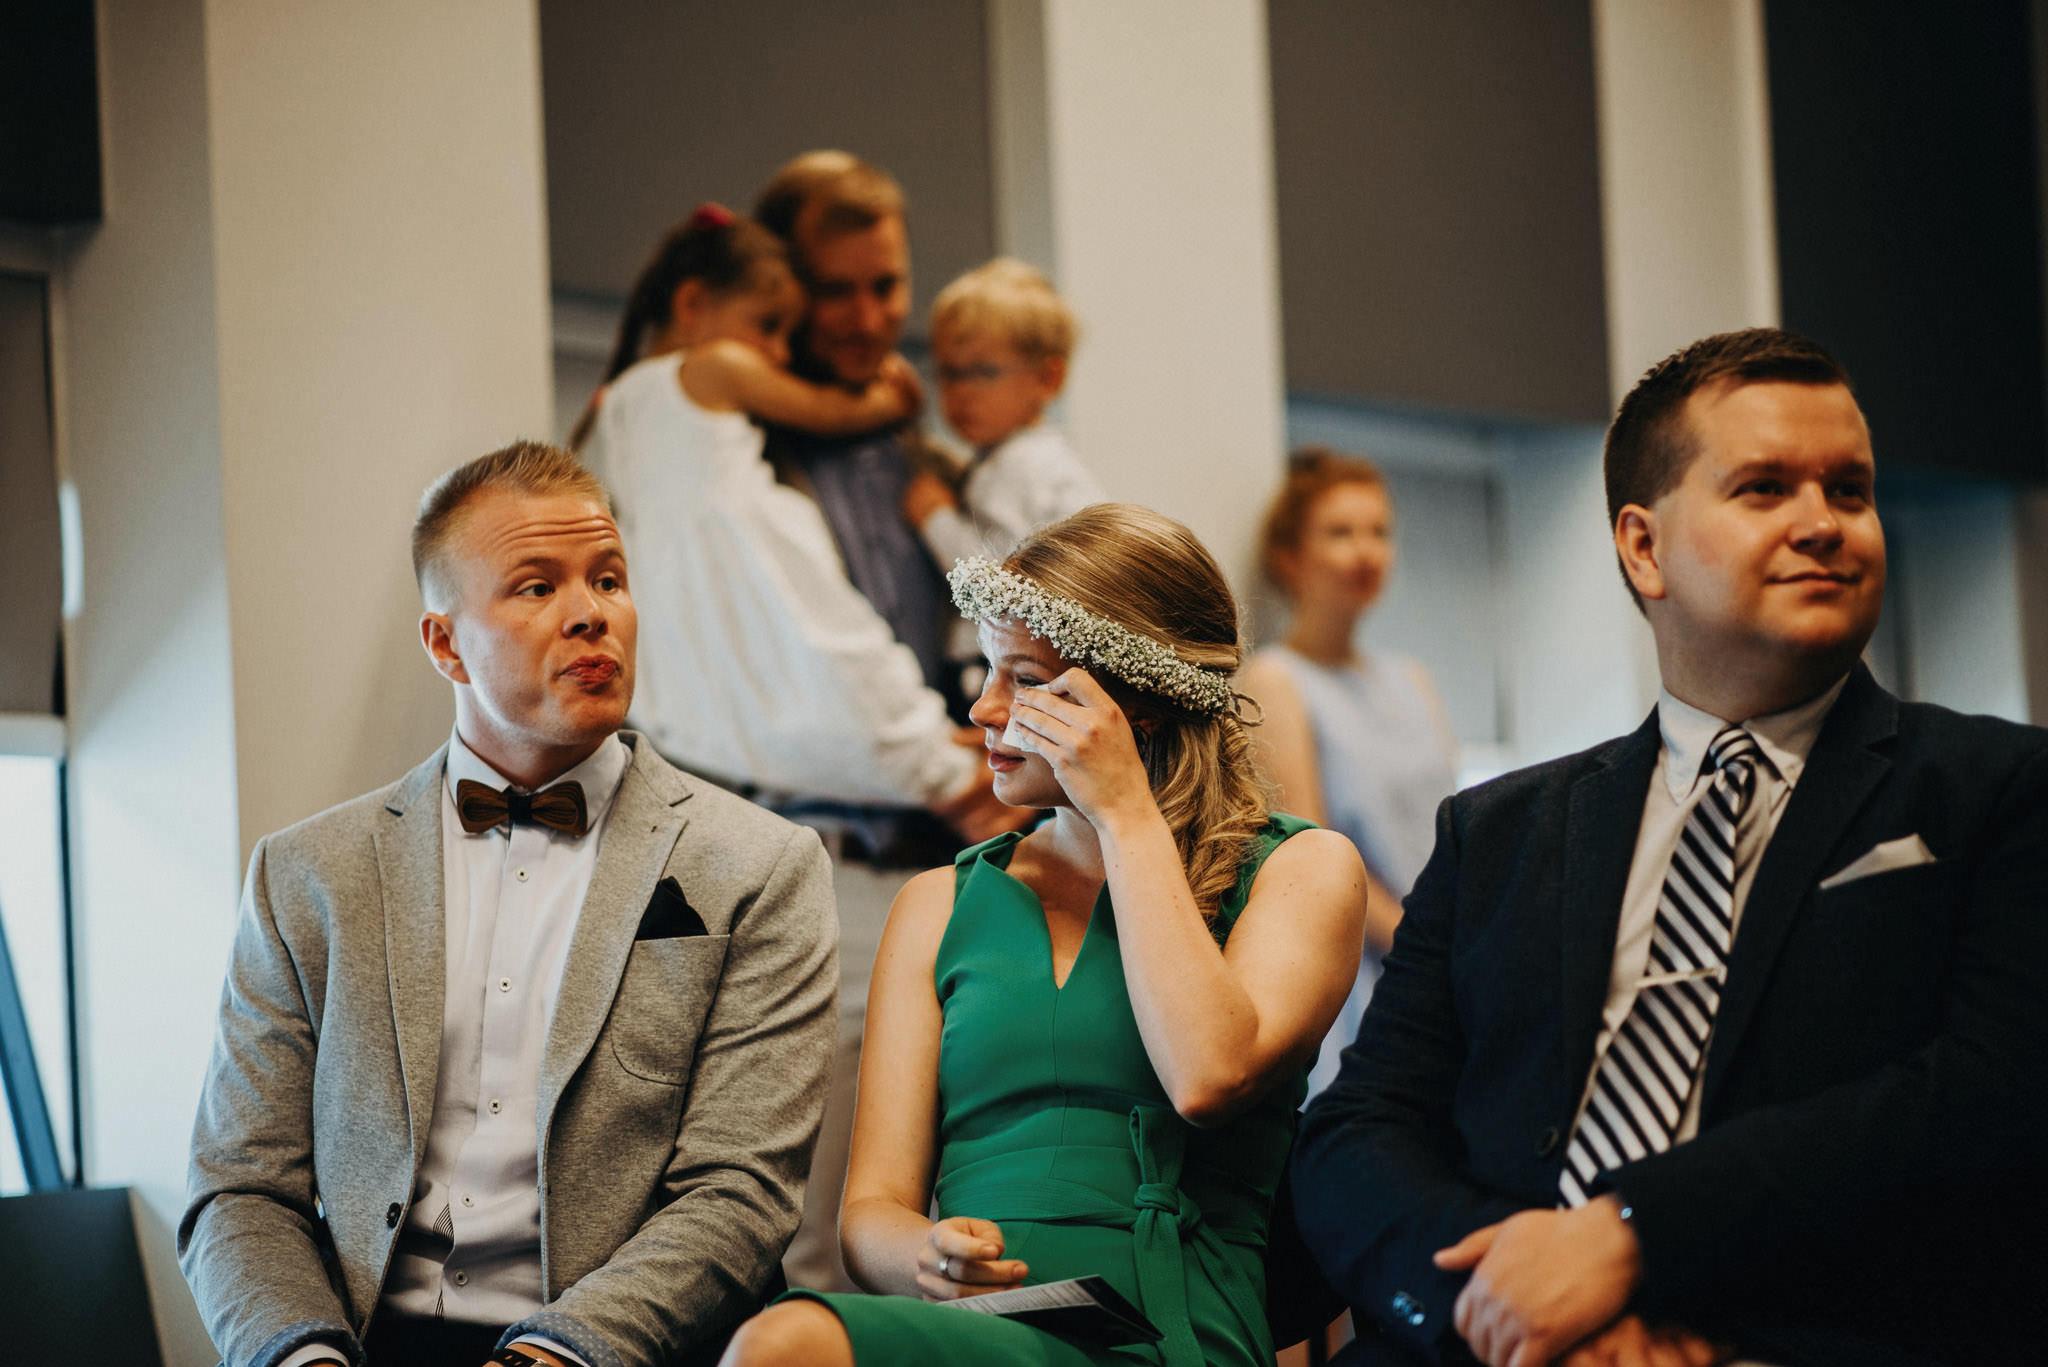 jere-satamo-ruissalo-haat-samesex-wedding-valokuvaaja-turku-022web.jpg